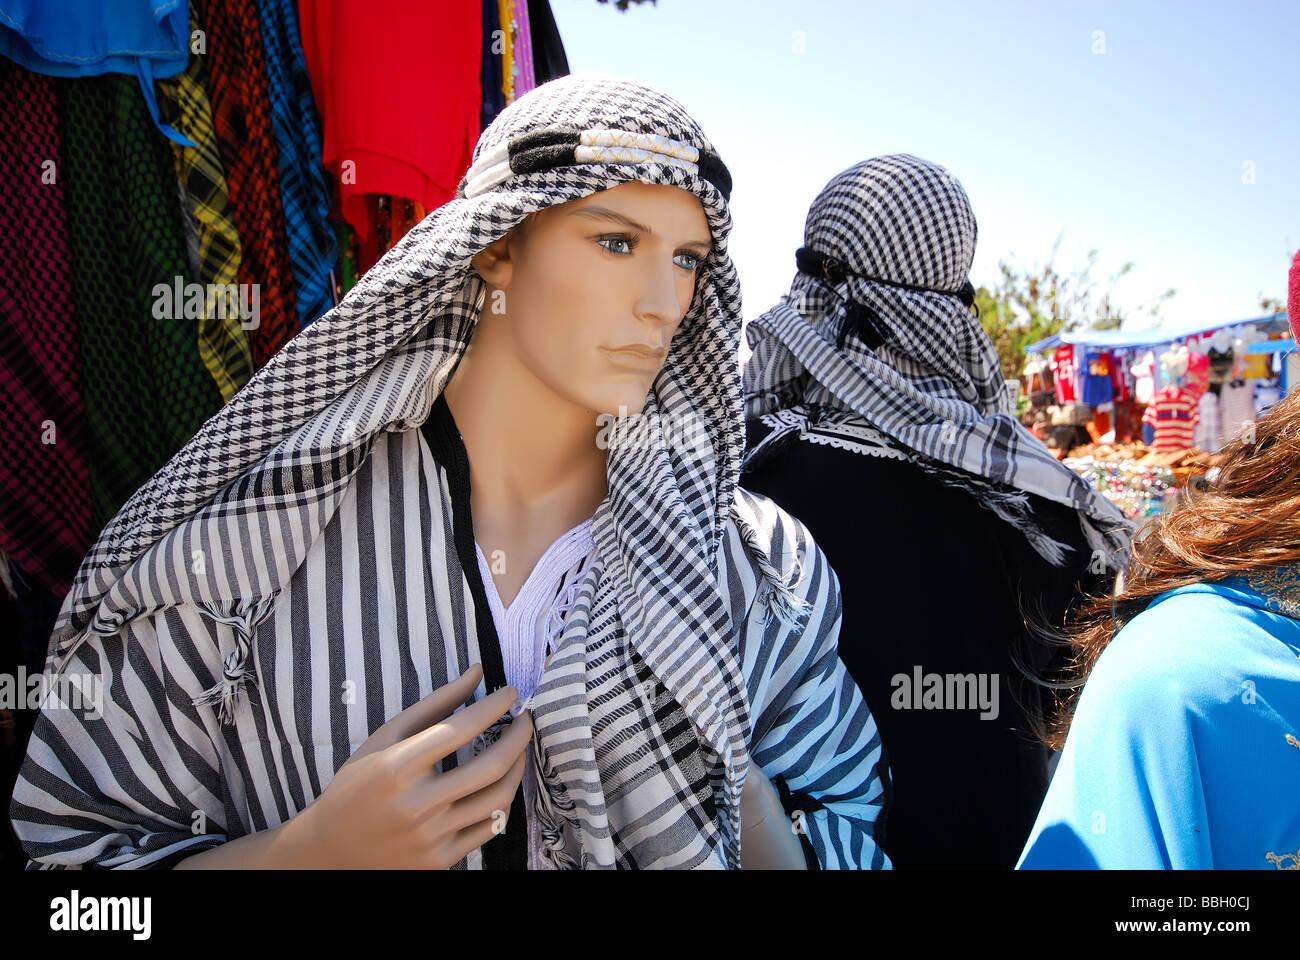 Tunisia Dress Etiquette